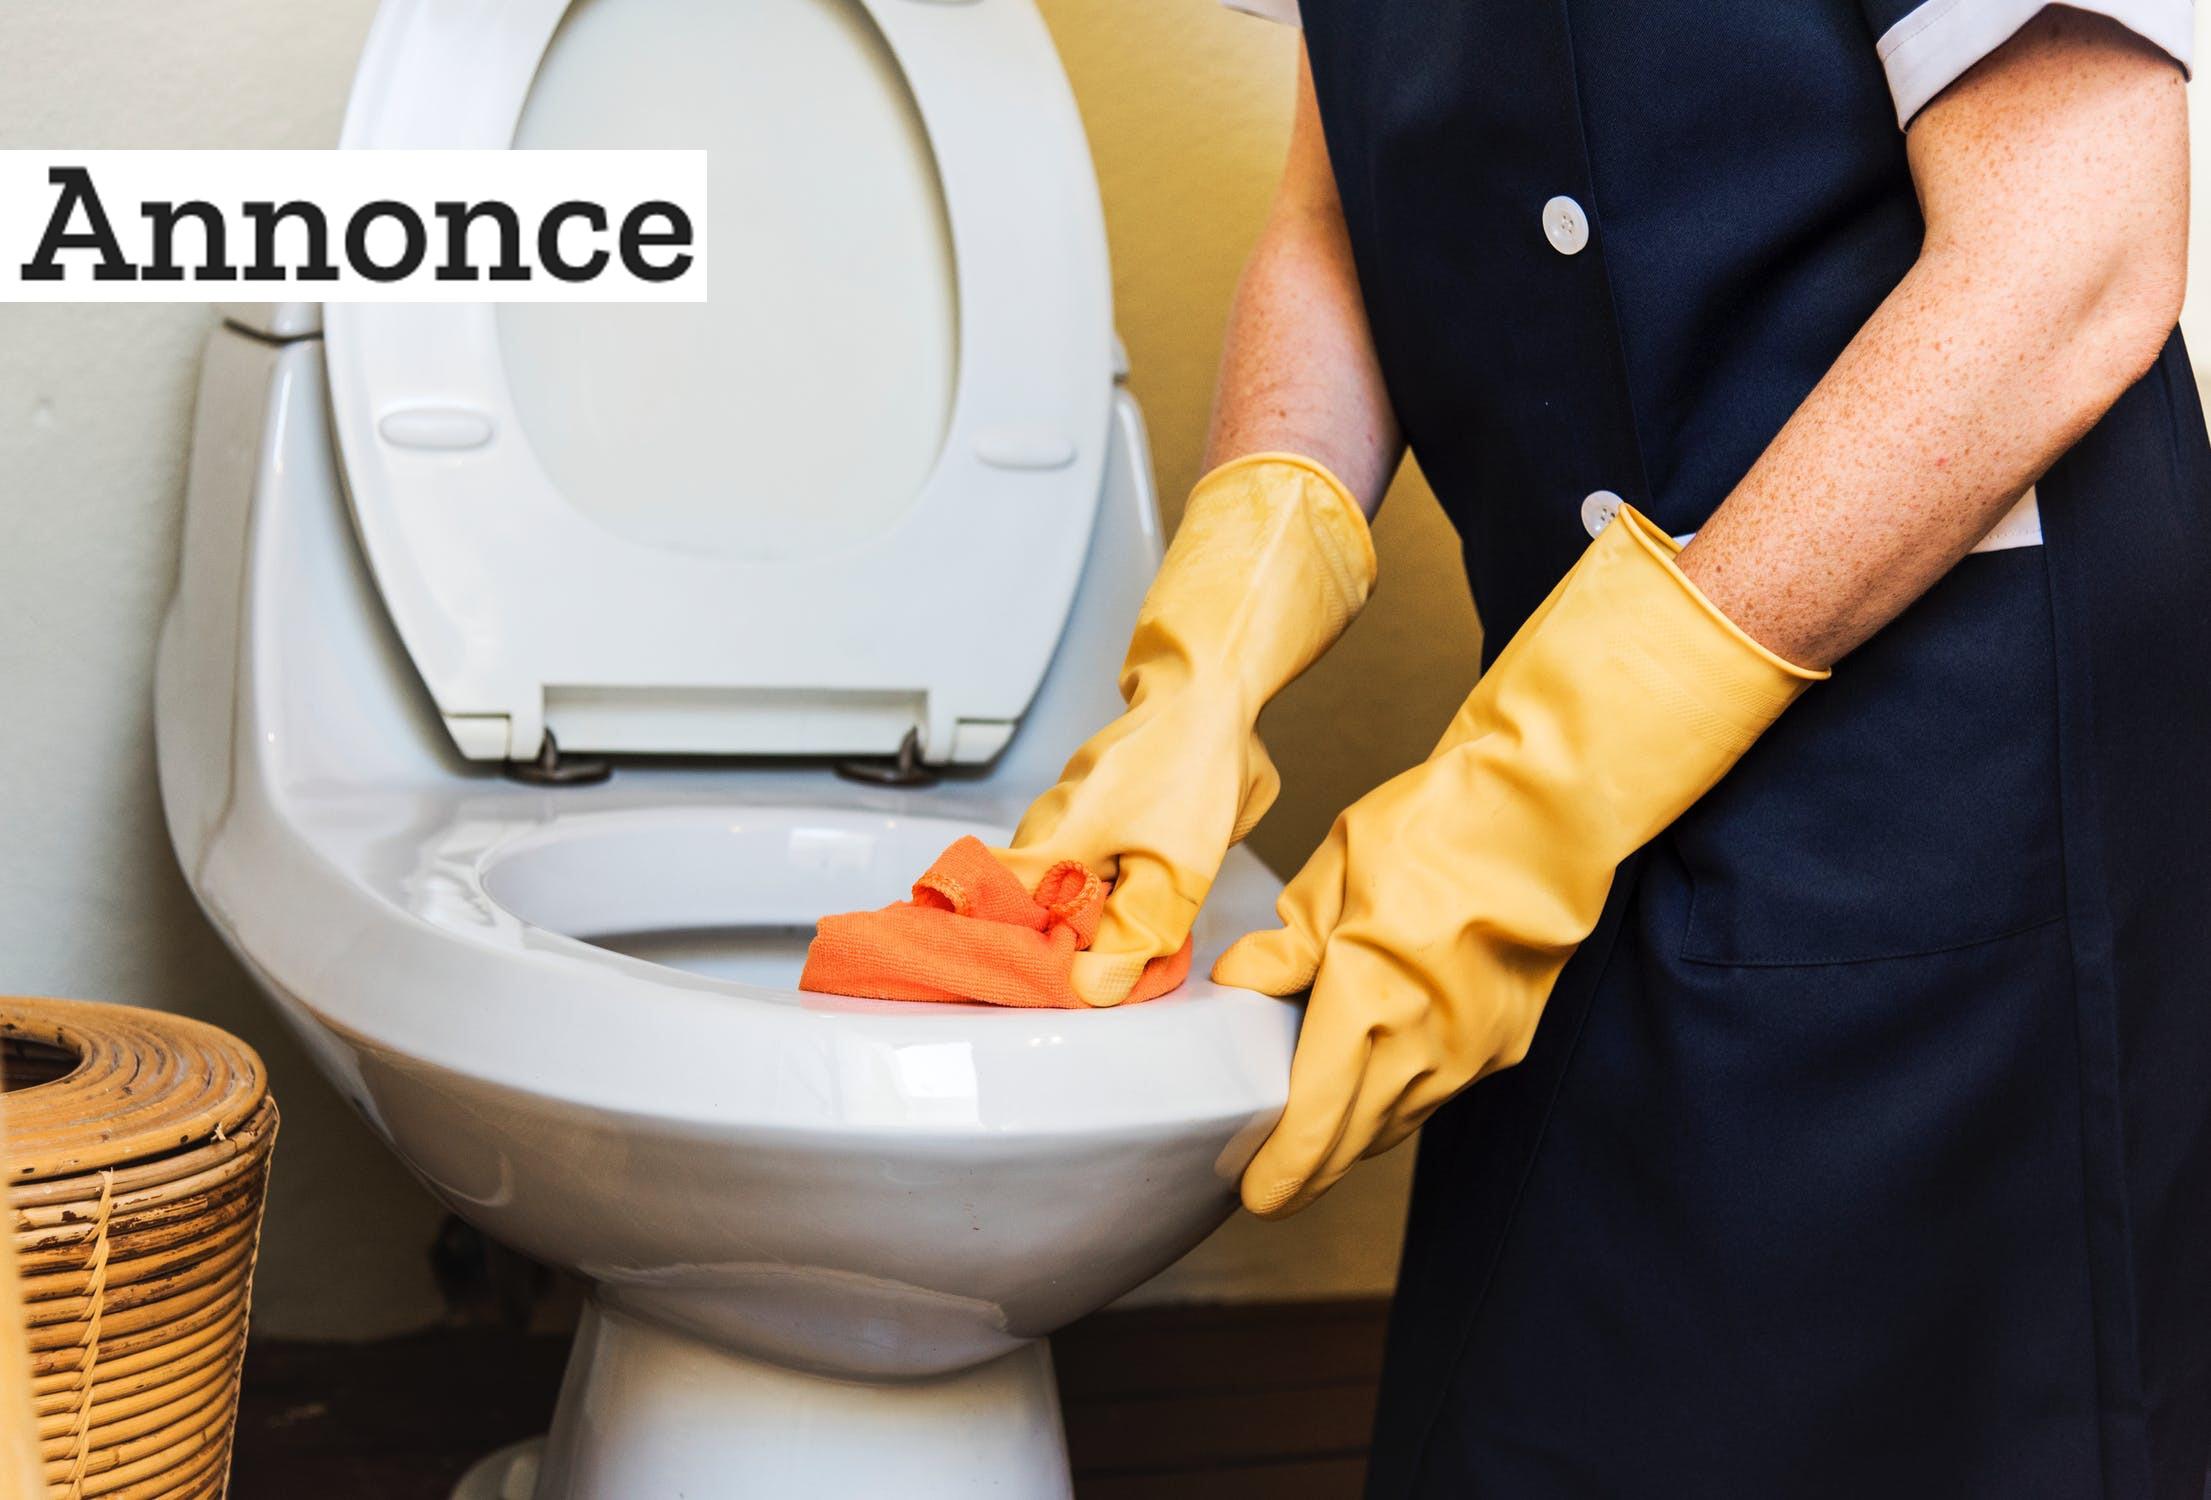 Professionelle firmaer bruger professionel rengøringshjælp